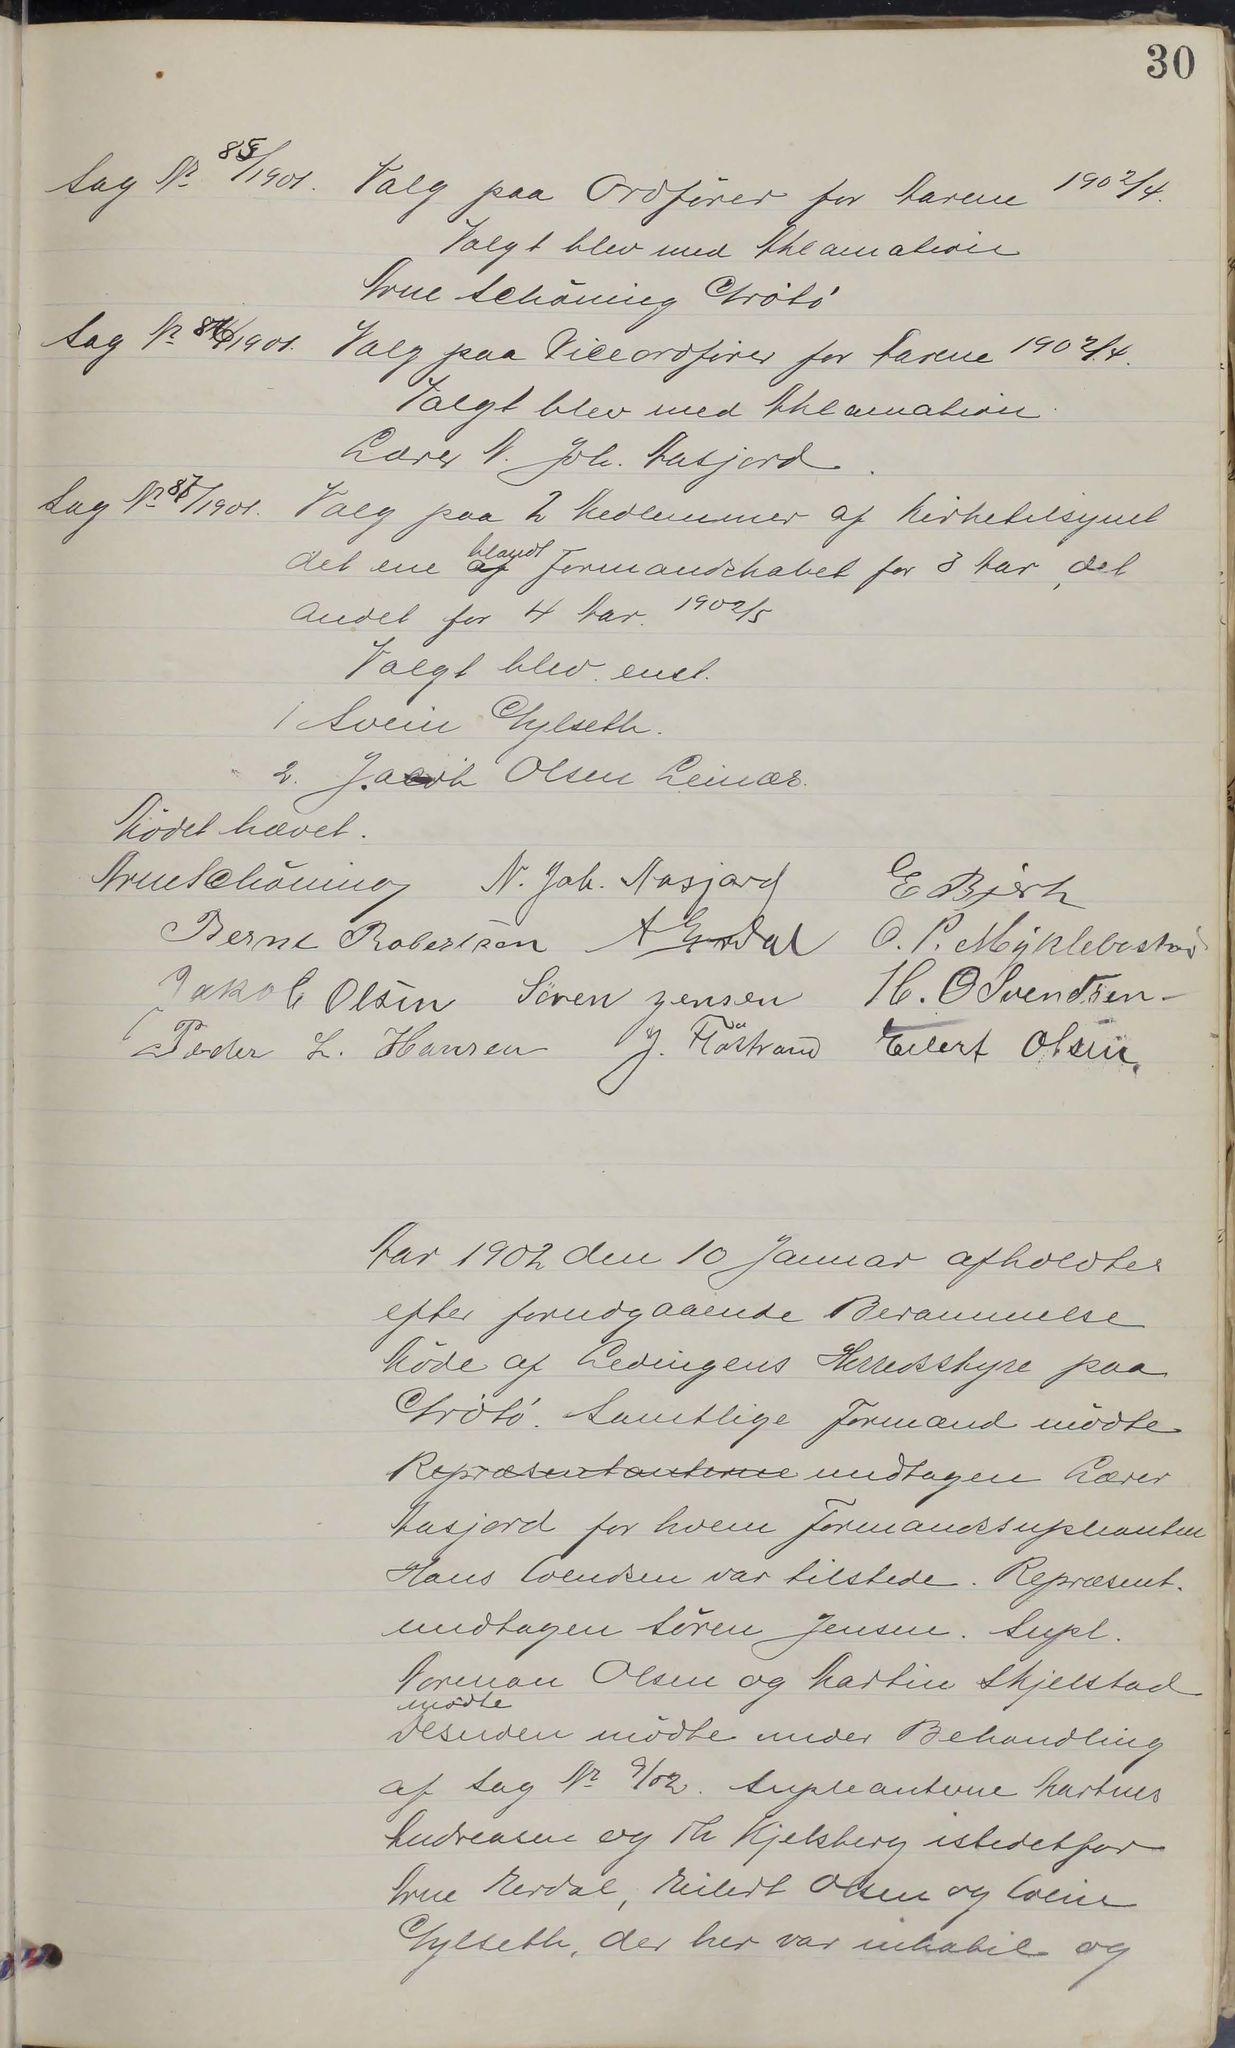 AIN, Leiranger kommune. Formannskapet, 100/L0001: Møtebok, 1900-1913, s. 30